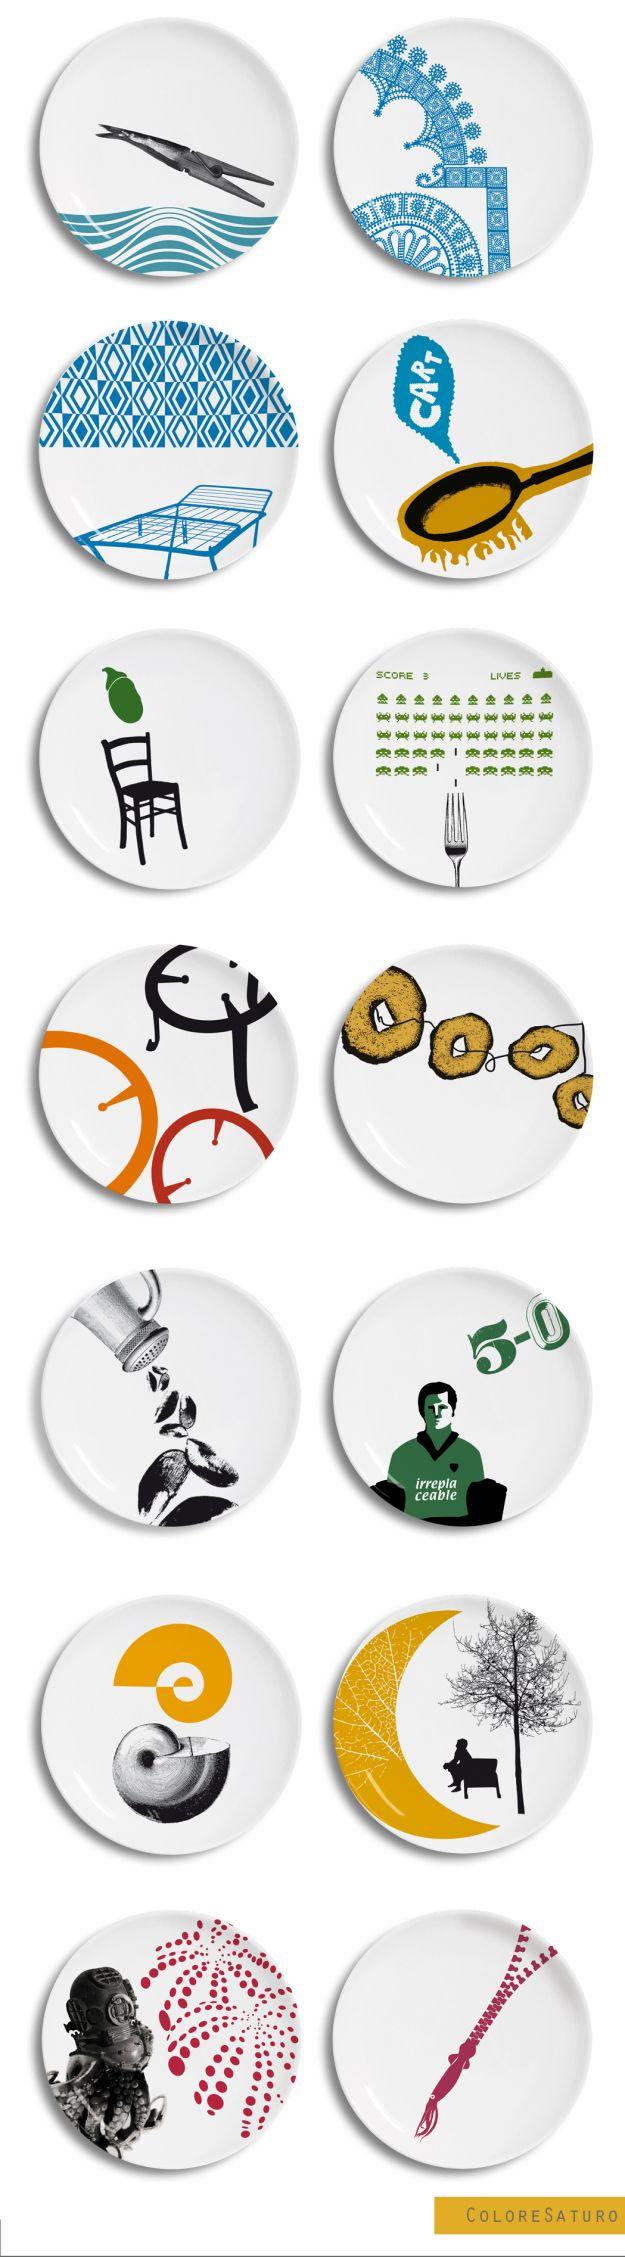 Collection_Dishes  recipes _ #gastronomiapugliese #pugliese #usopposto #ceramiche